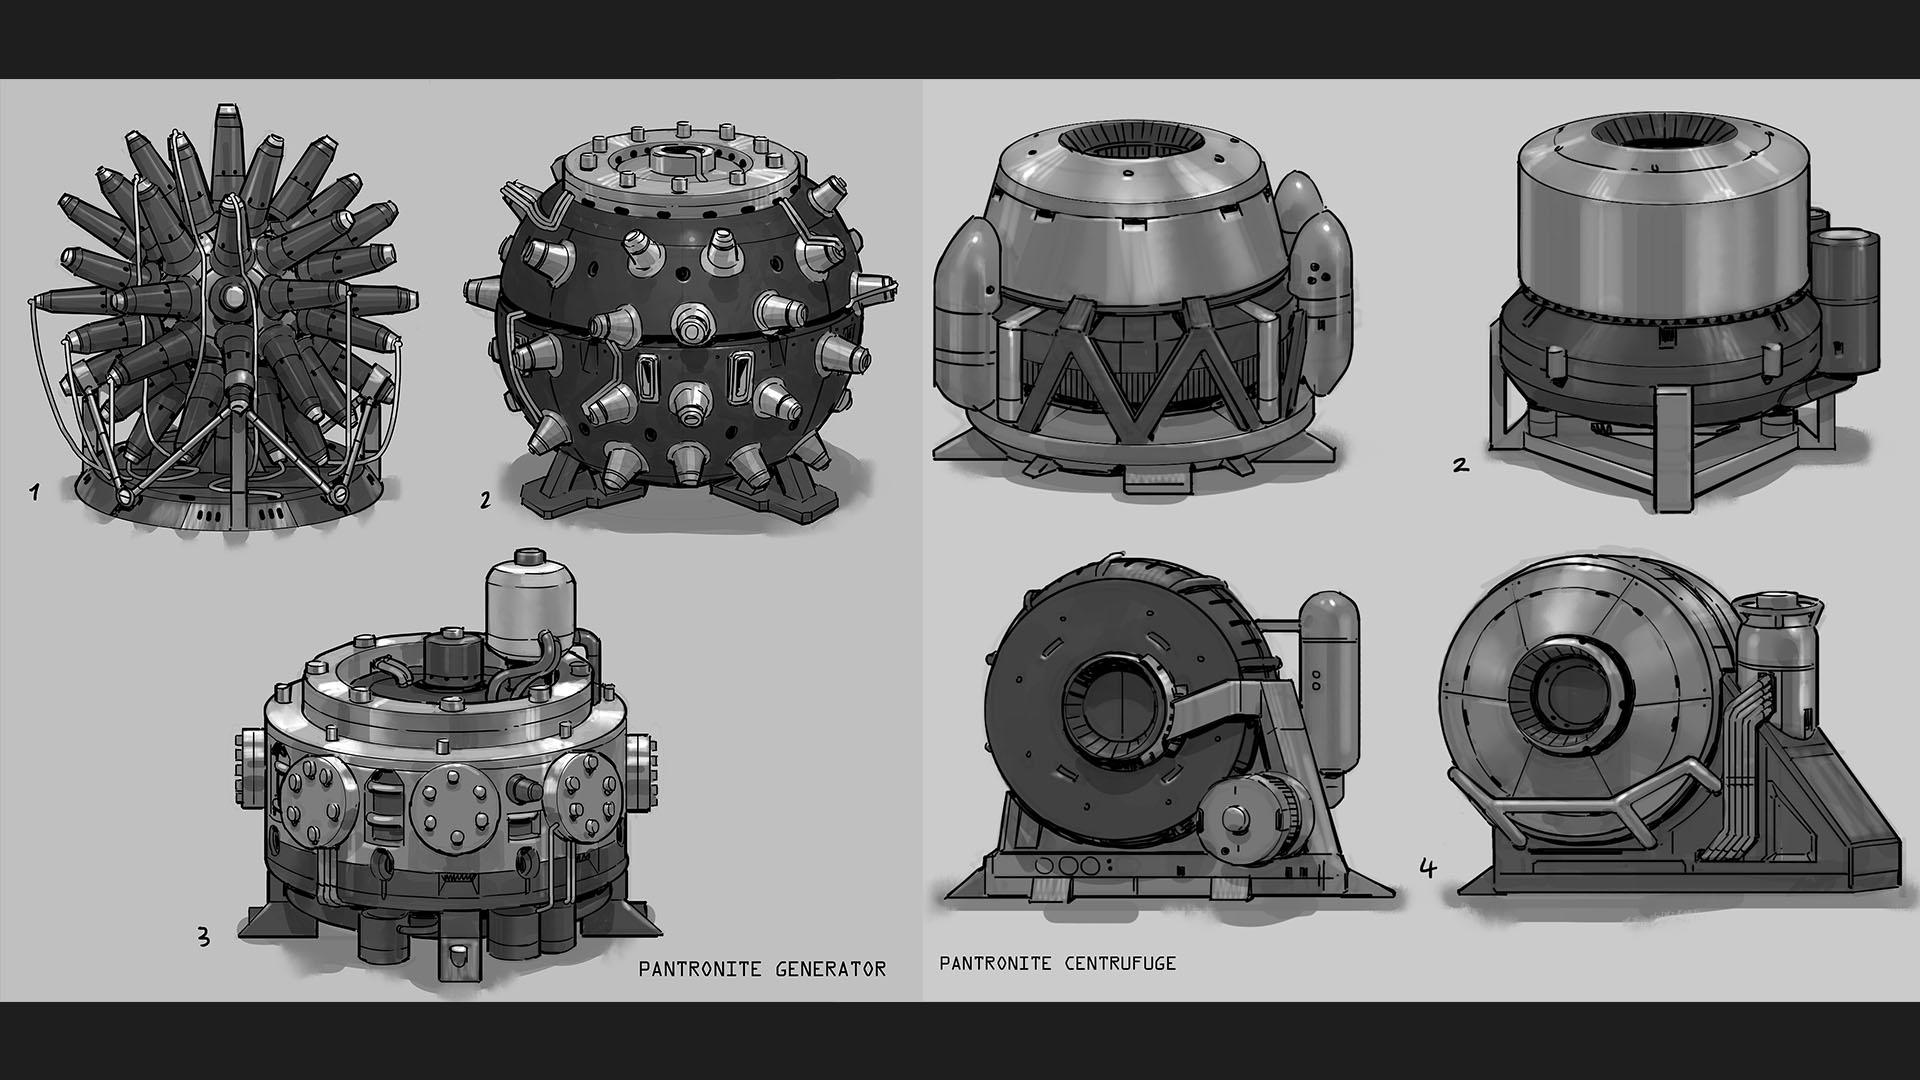 pantropy concept pantronite